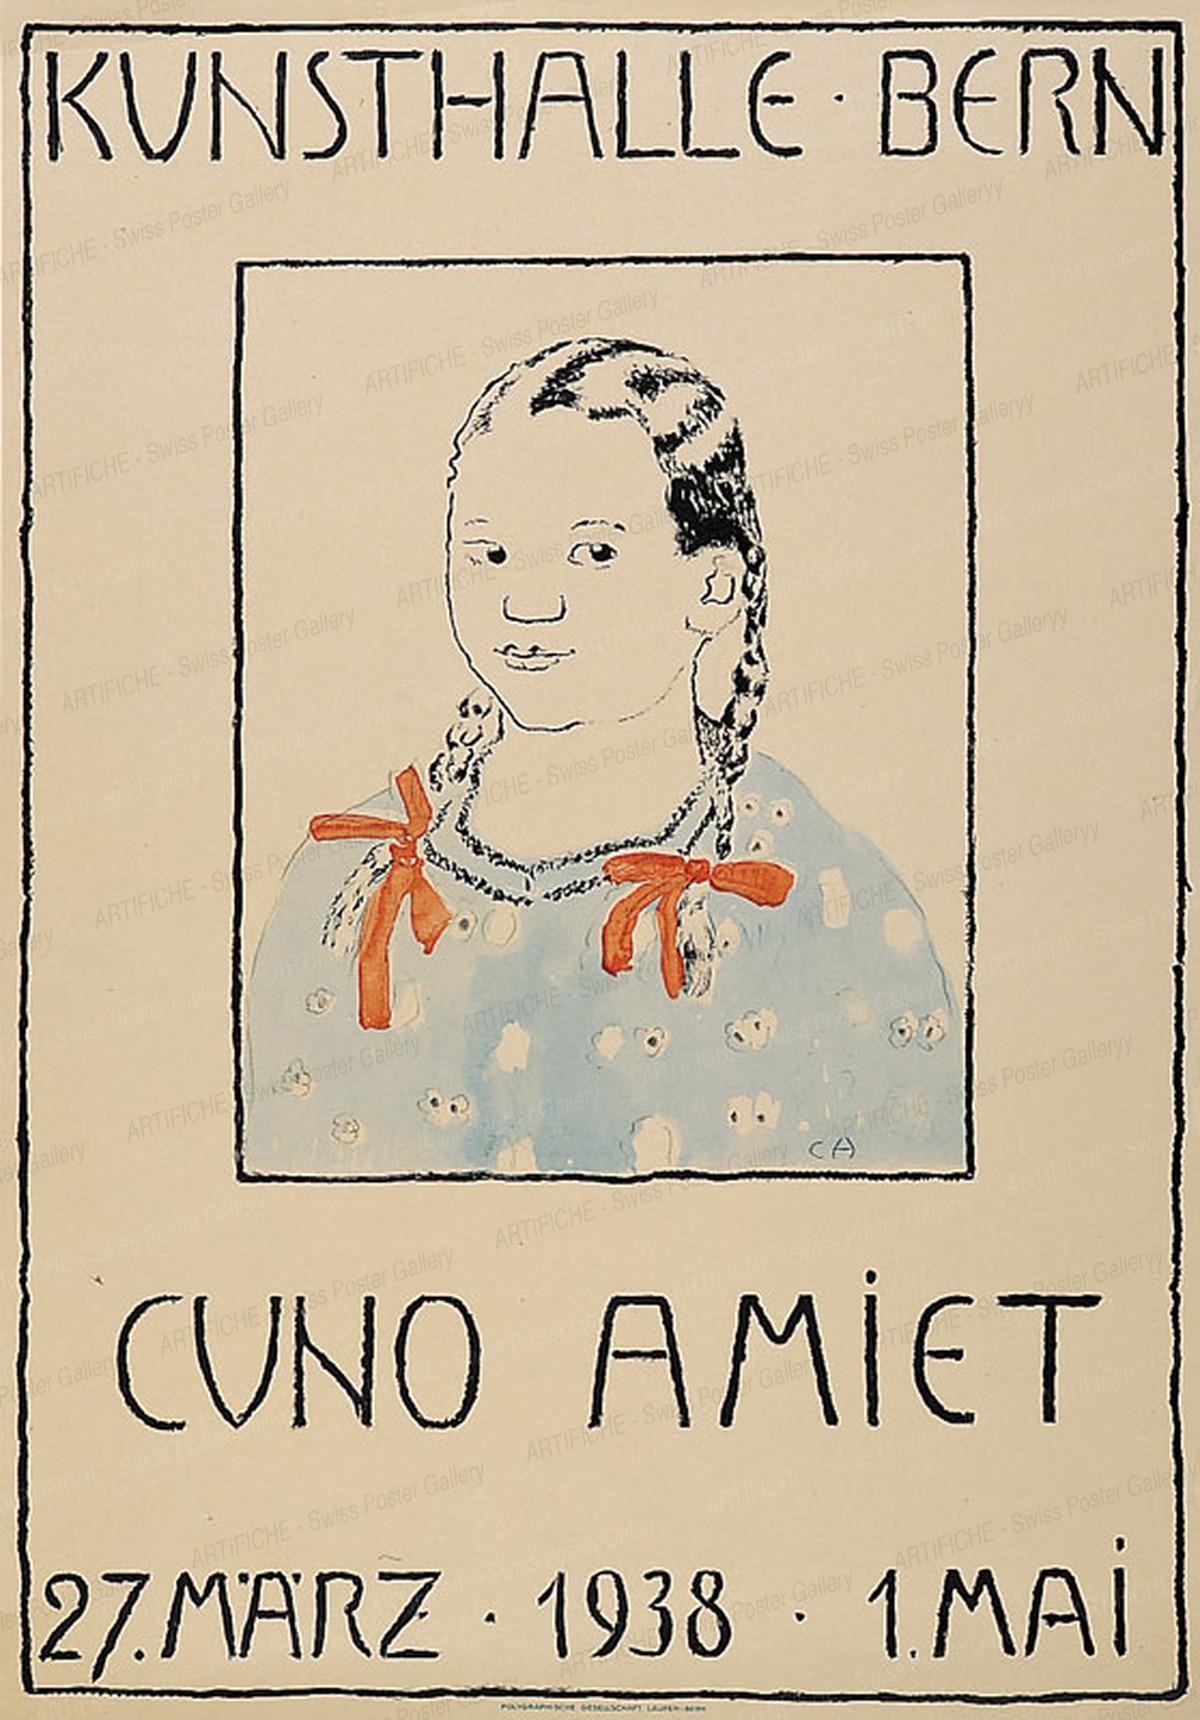 Kunsthalle Bern – Cuno Amiet – 1938, Cuno Amiet